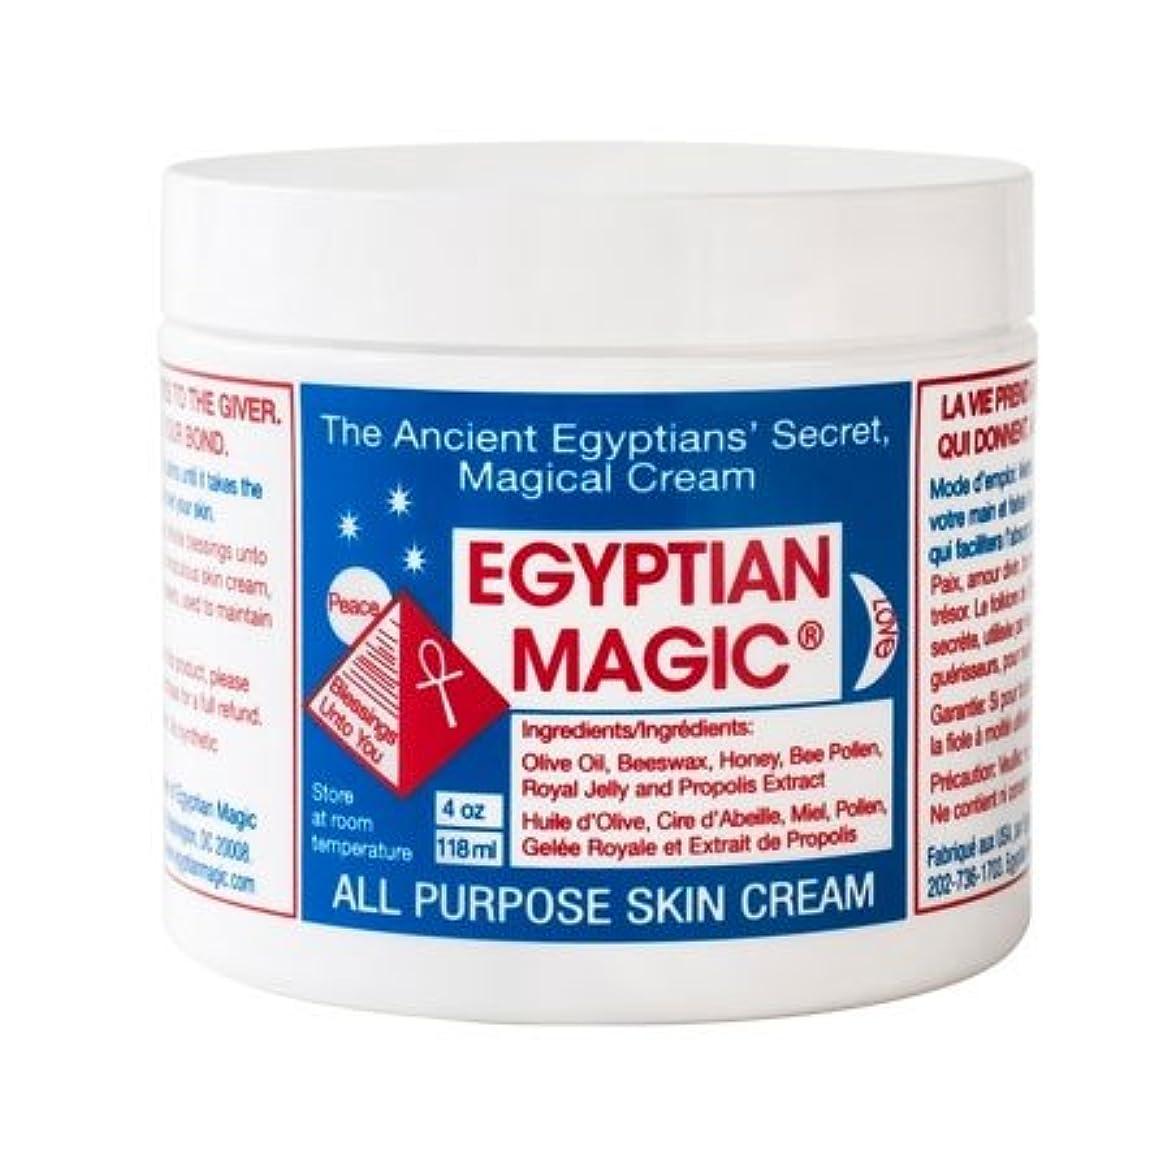 免疫するバルブ人形エジプシャンマジック エジプシャン マジック クリーム 118ml 海外仕様パッケージ